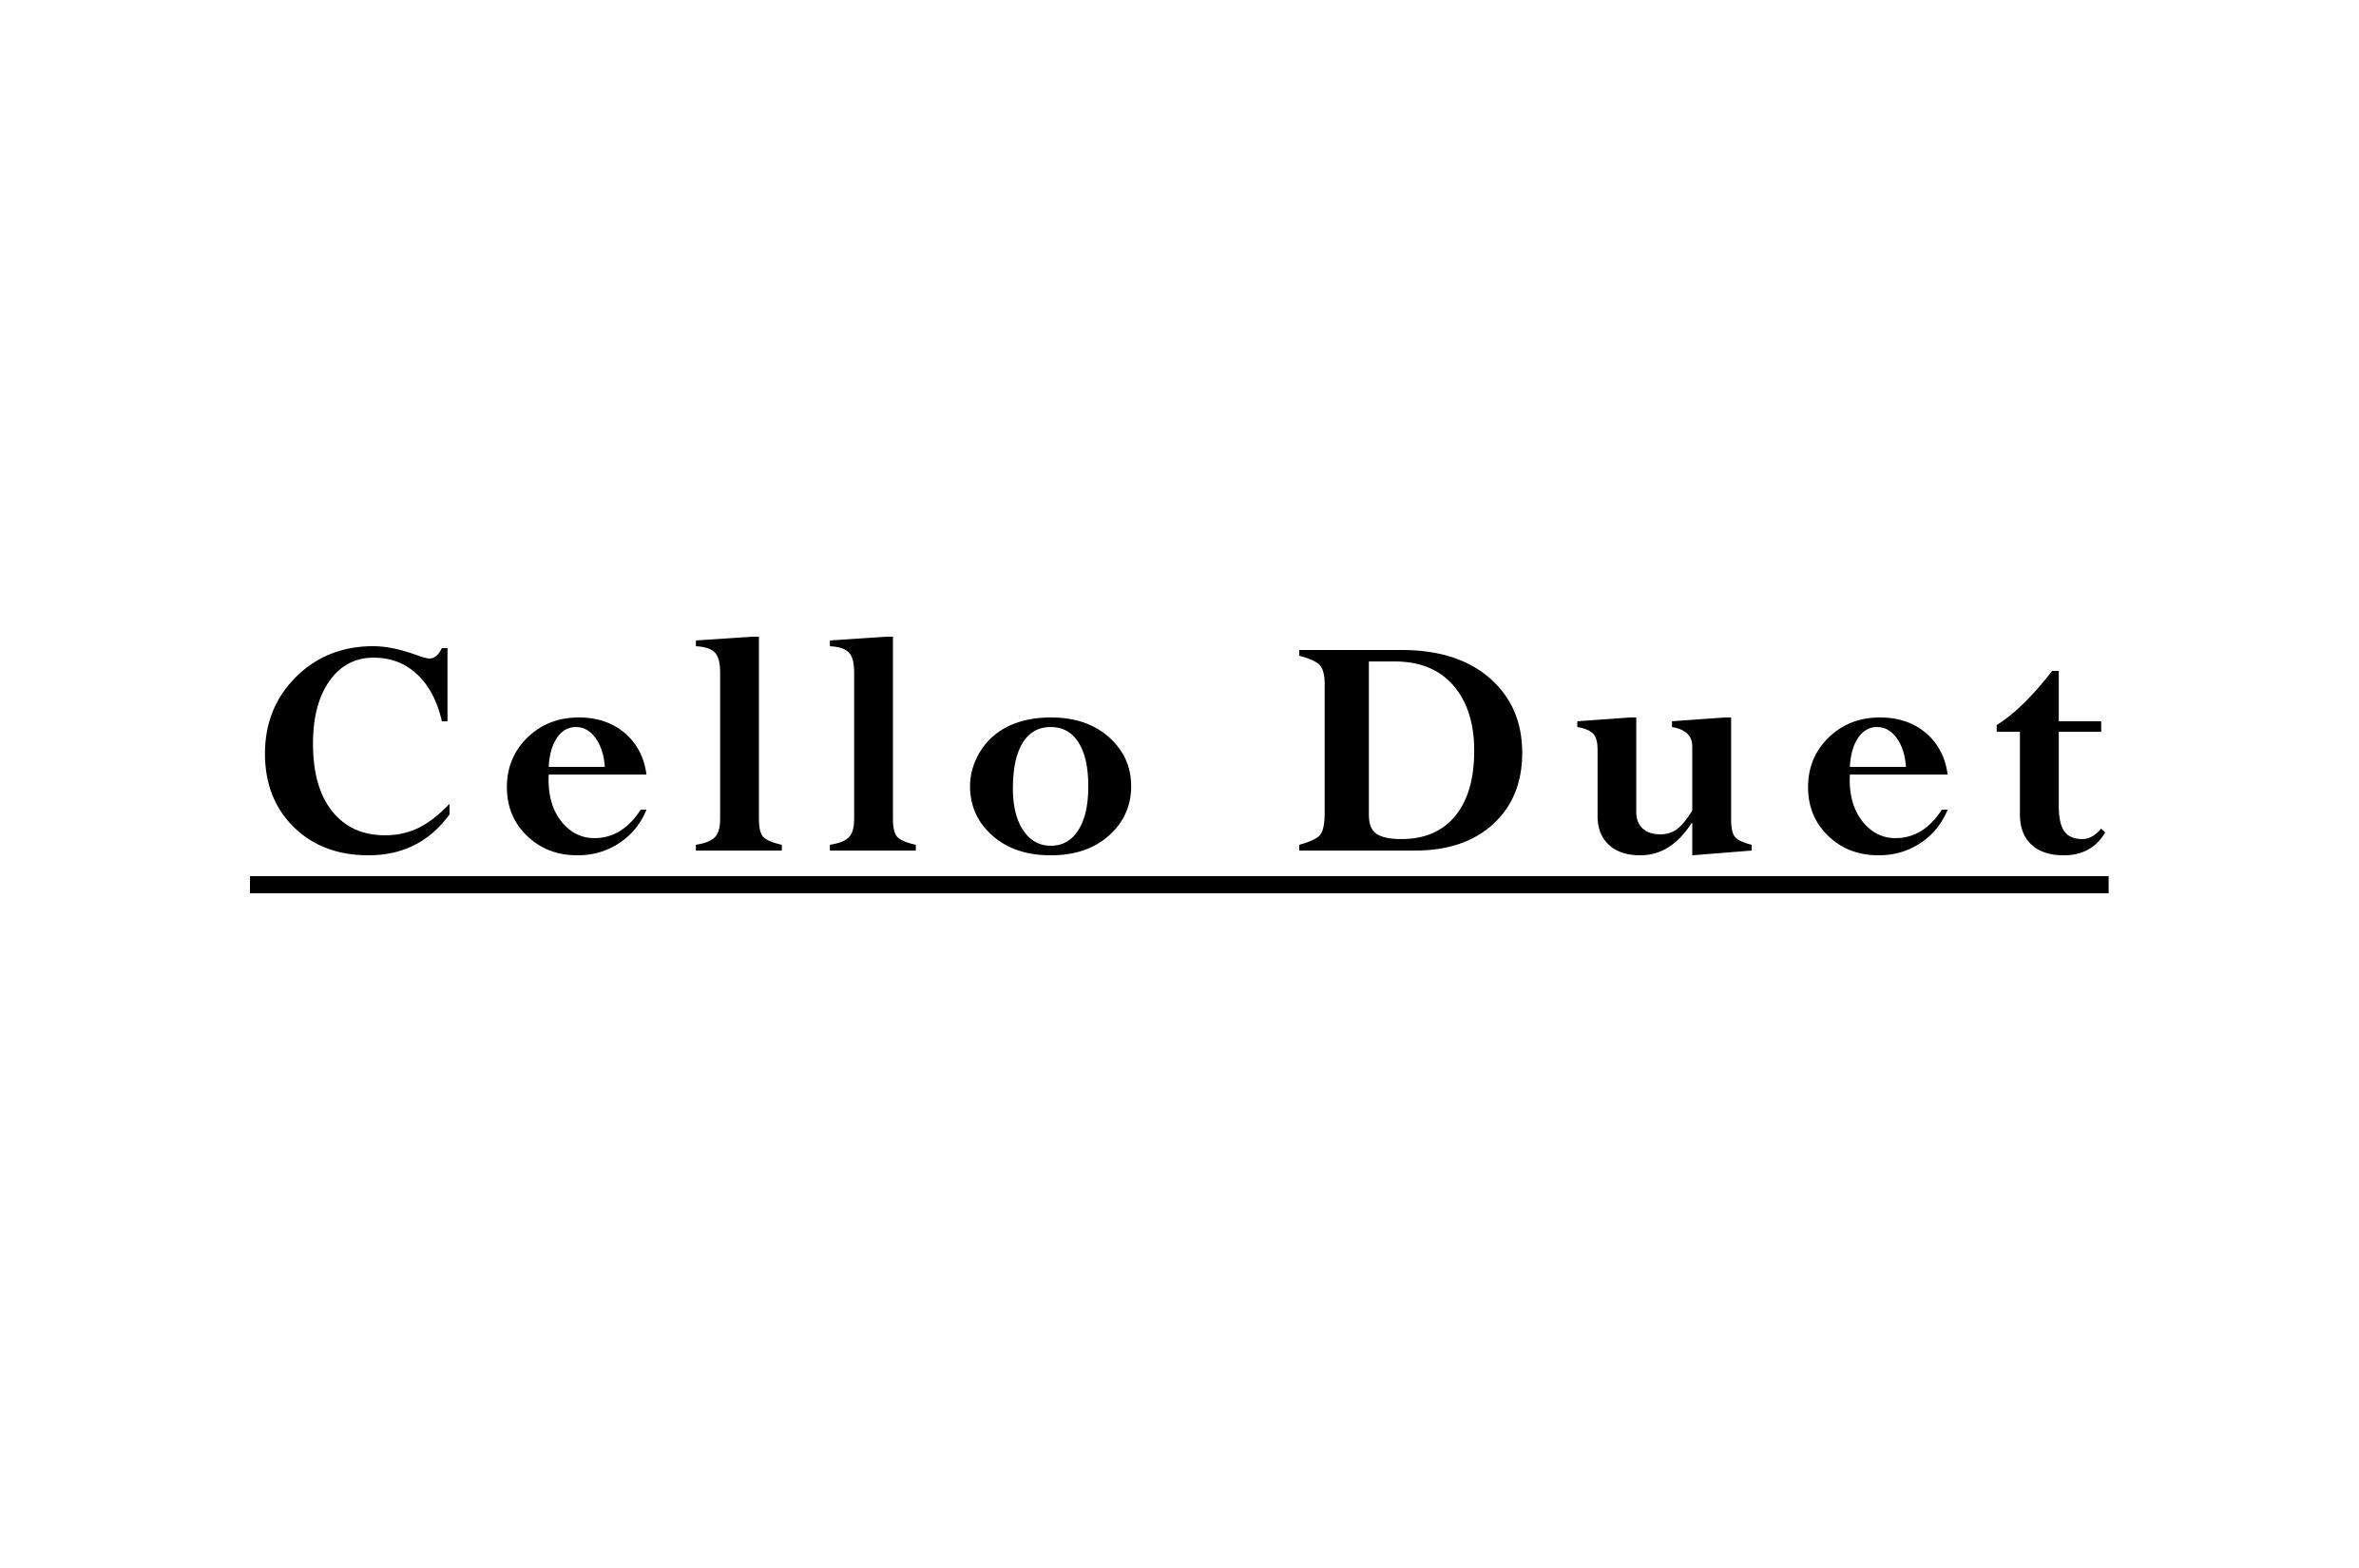 Cello Duiet Score-1.png